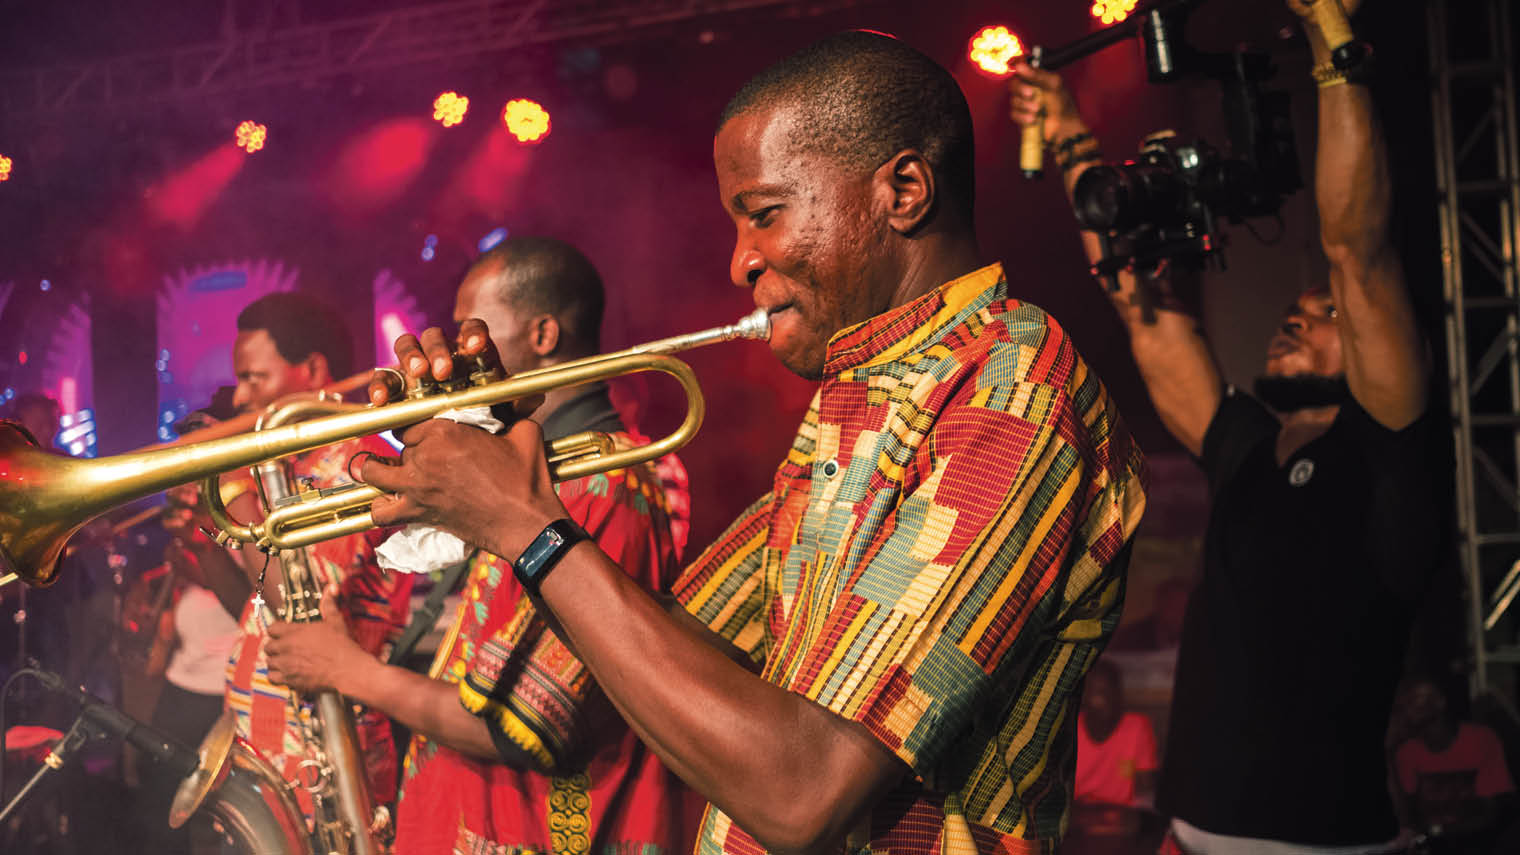 Afropolitan vibes festival in Lagos, Nigeria